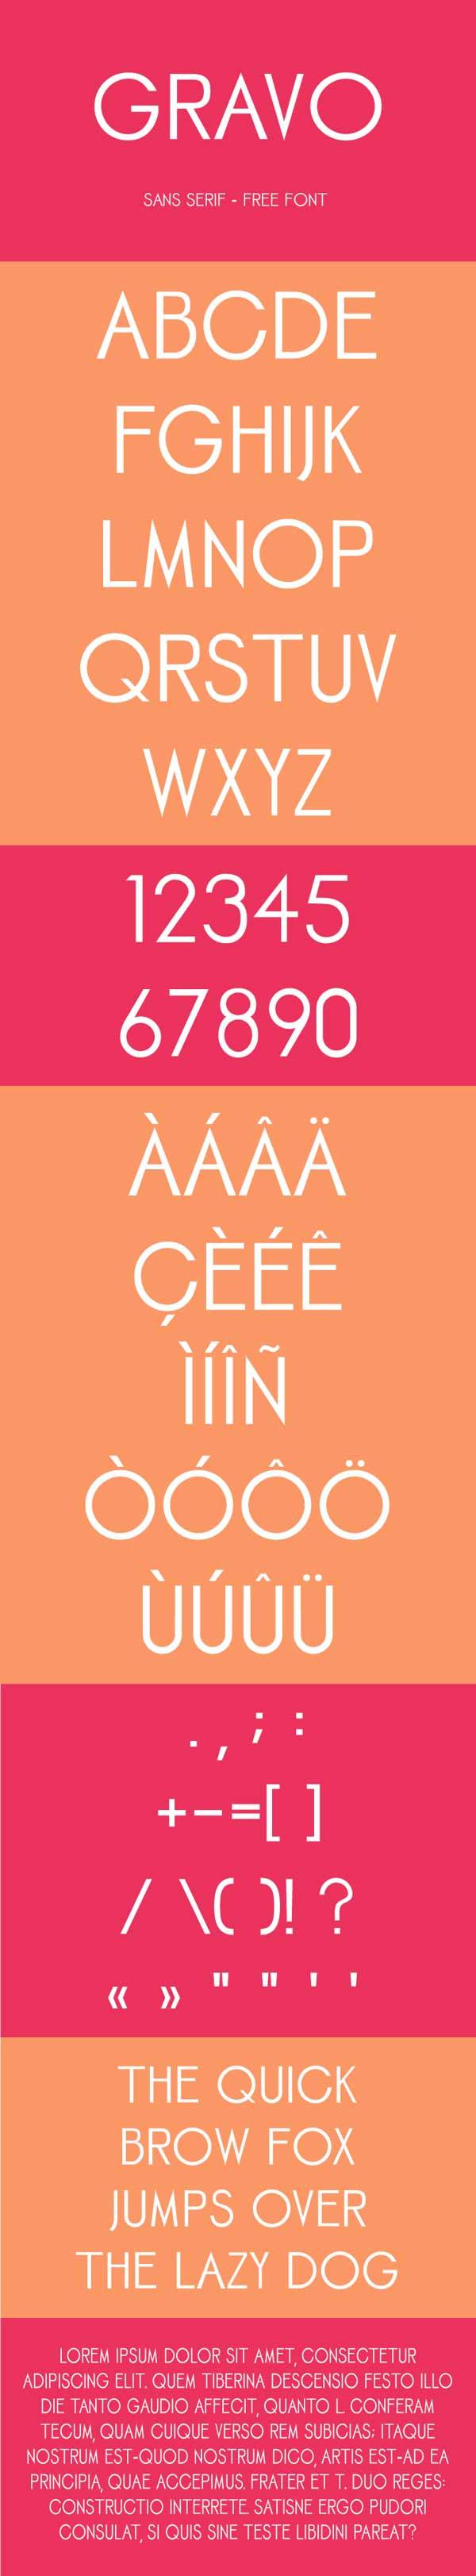 Gravo - Free Sans Serif Font